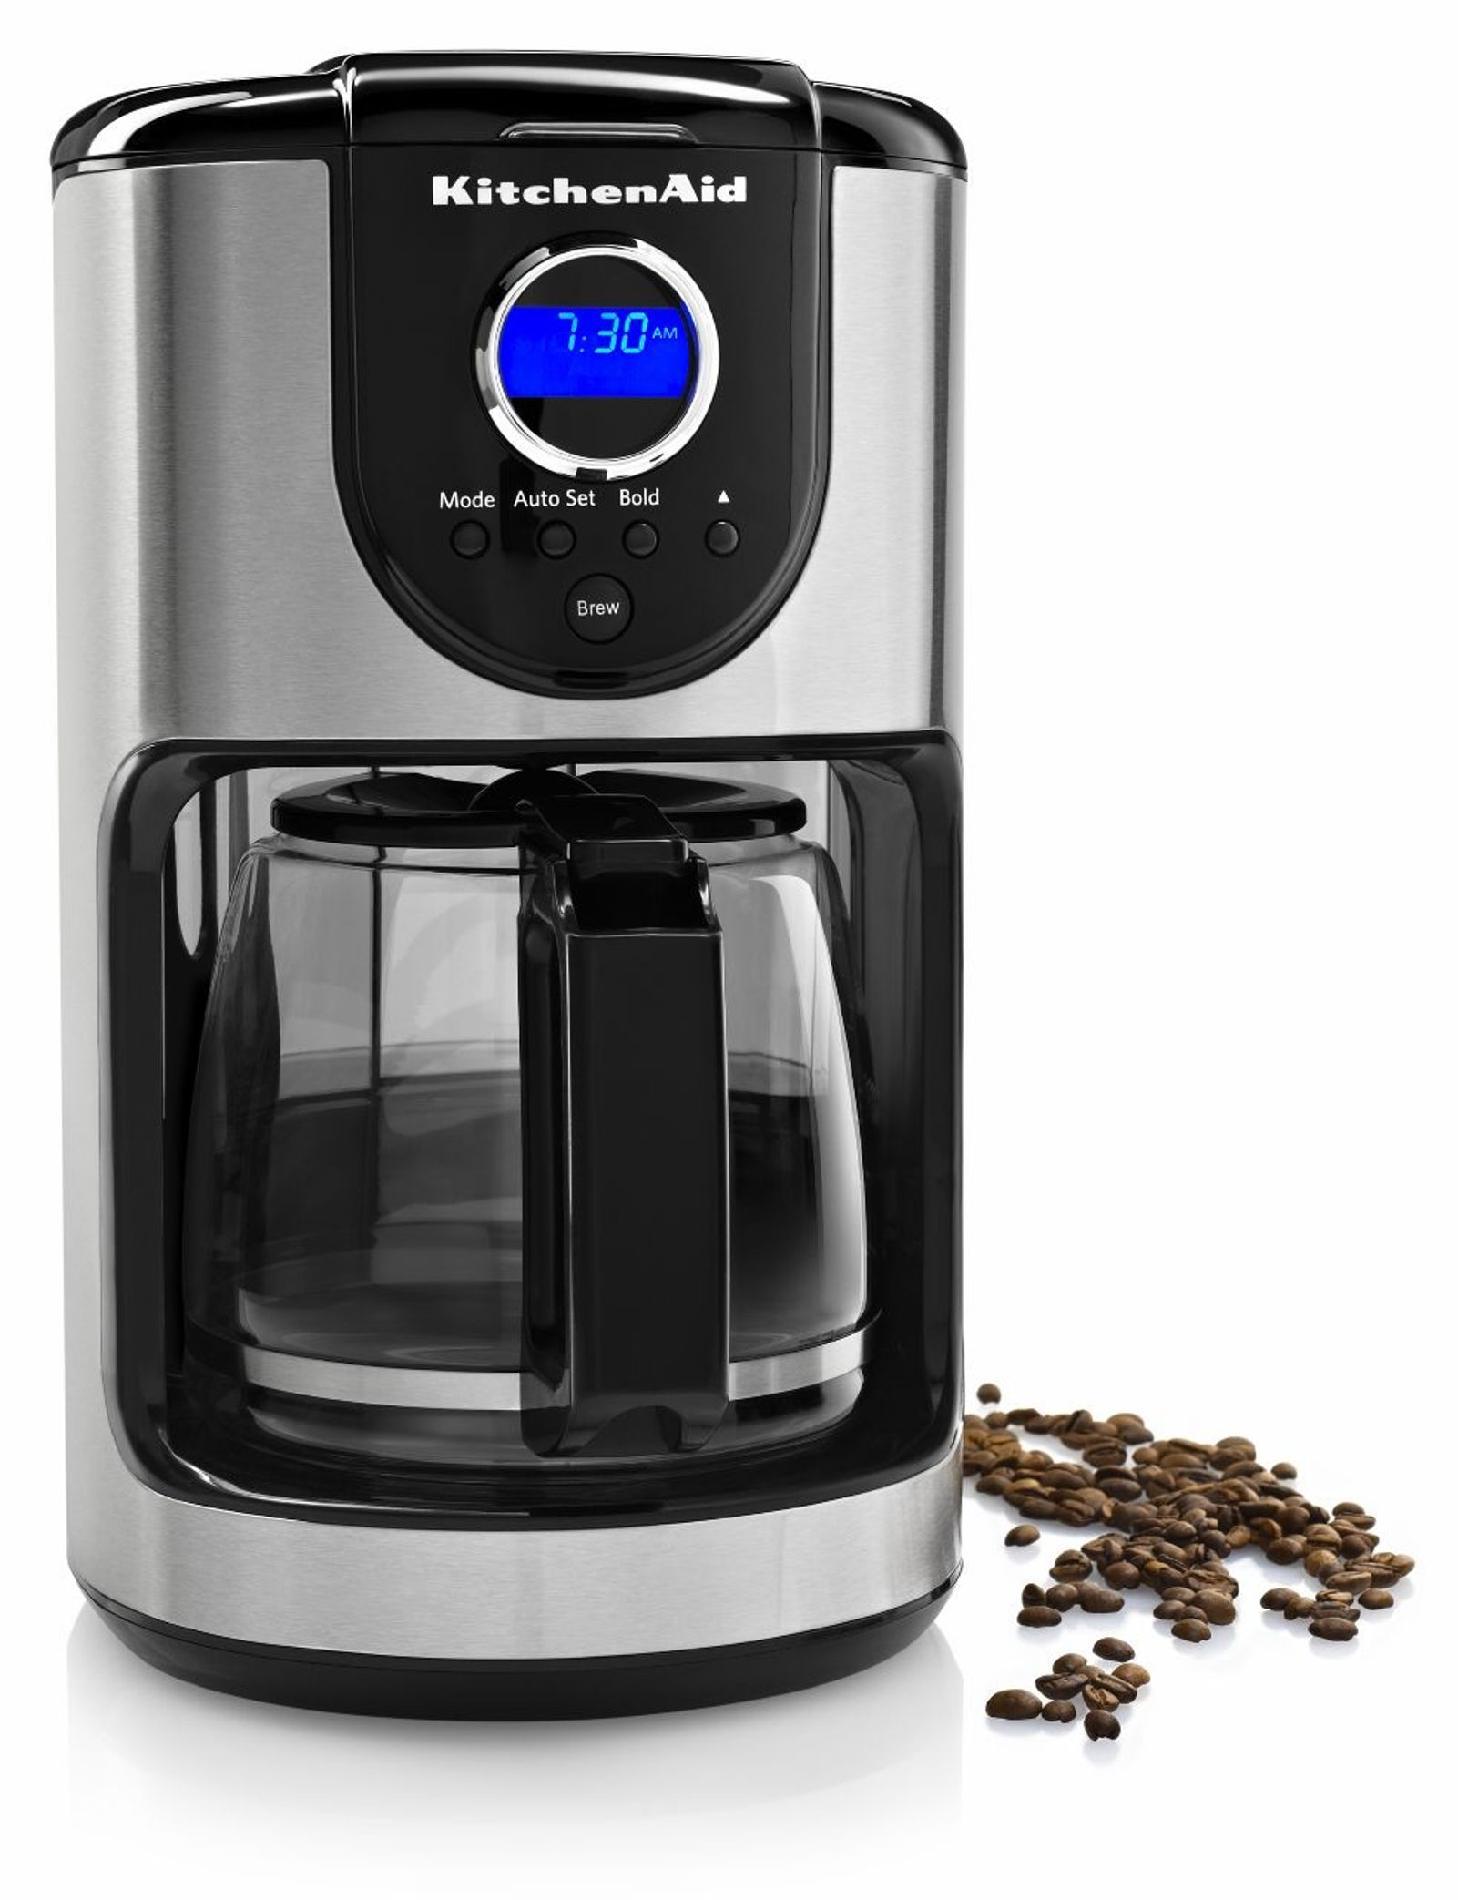 kitchenaid kcm111ob 12 cup coffee makerkitchenaid coffee maker wiring diagram 14 [ 1458 x 1900 Pixel ]